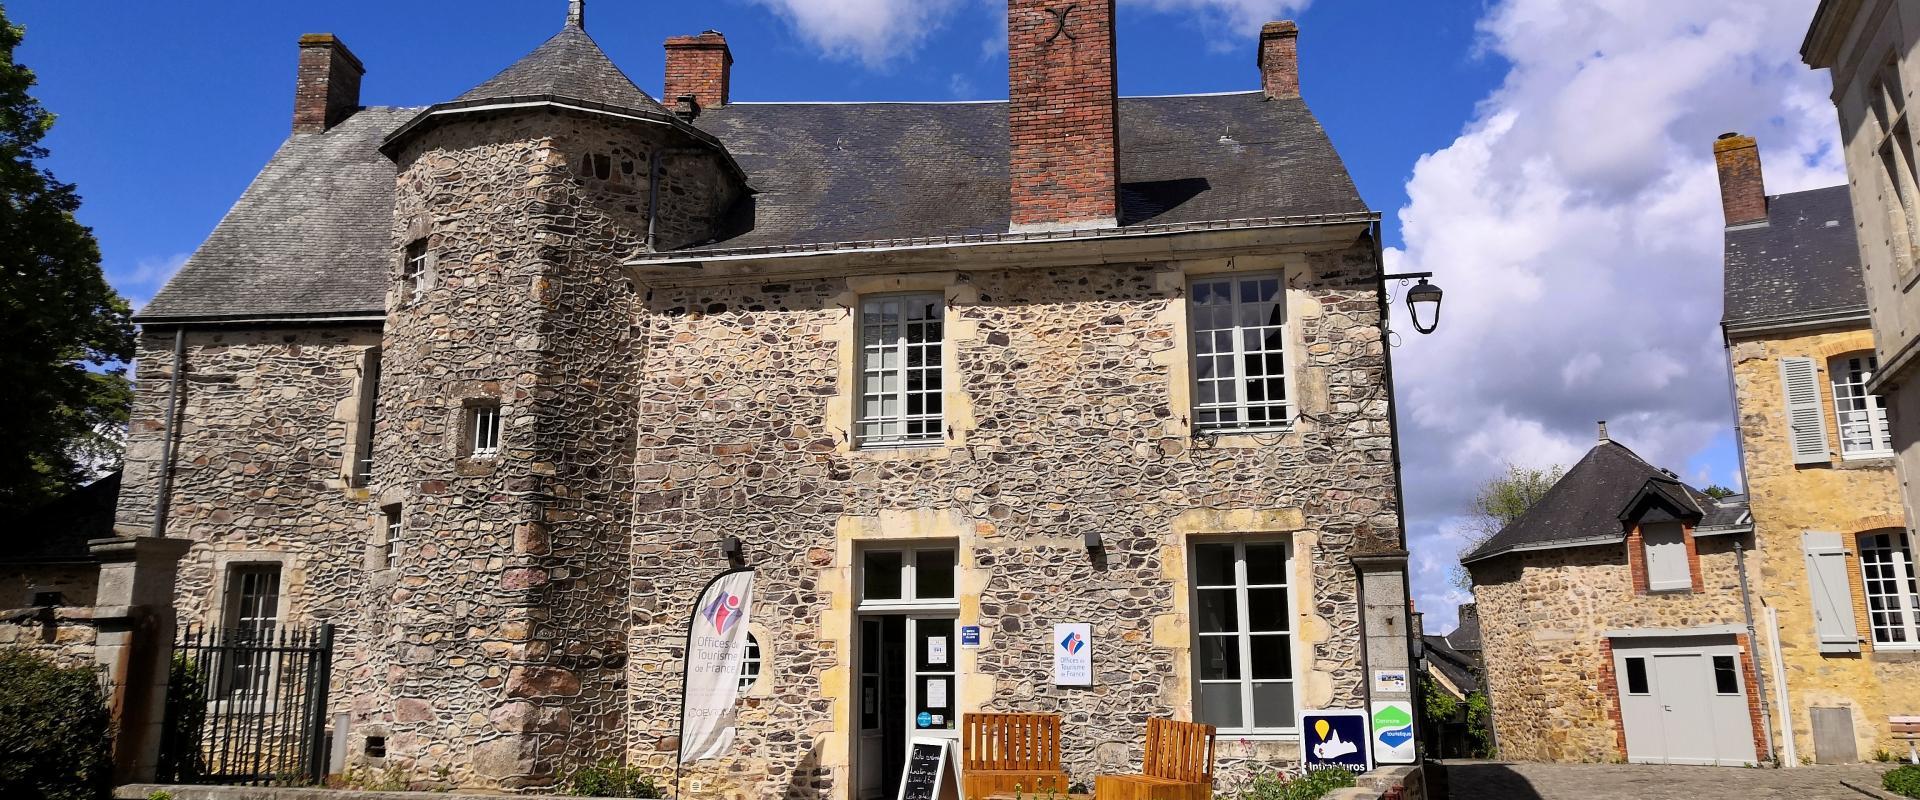 Office de tourisme Sainte-Suzanne